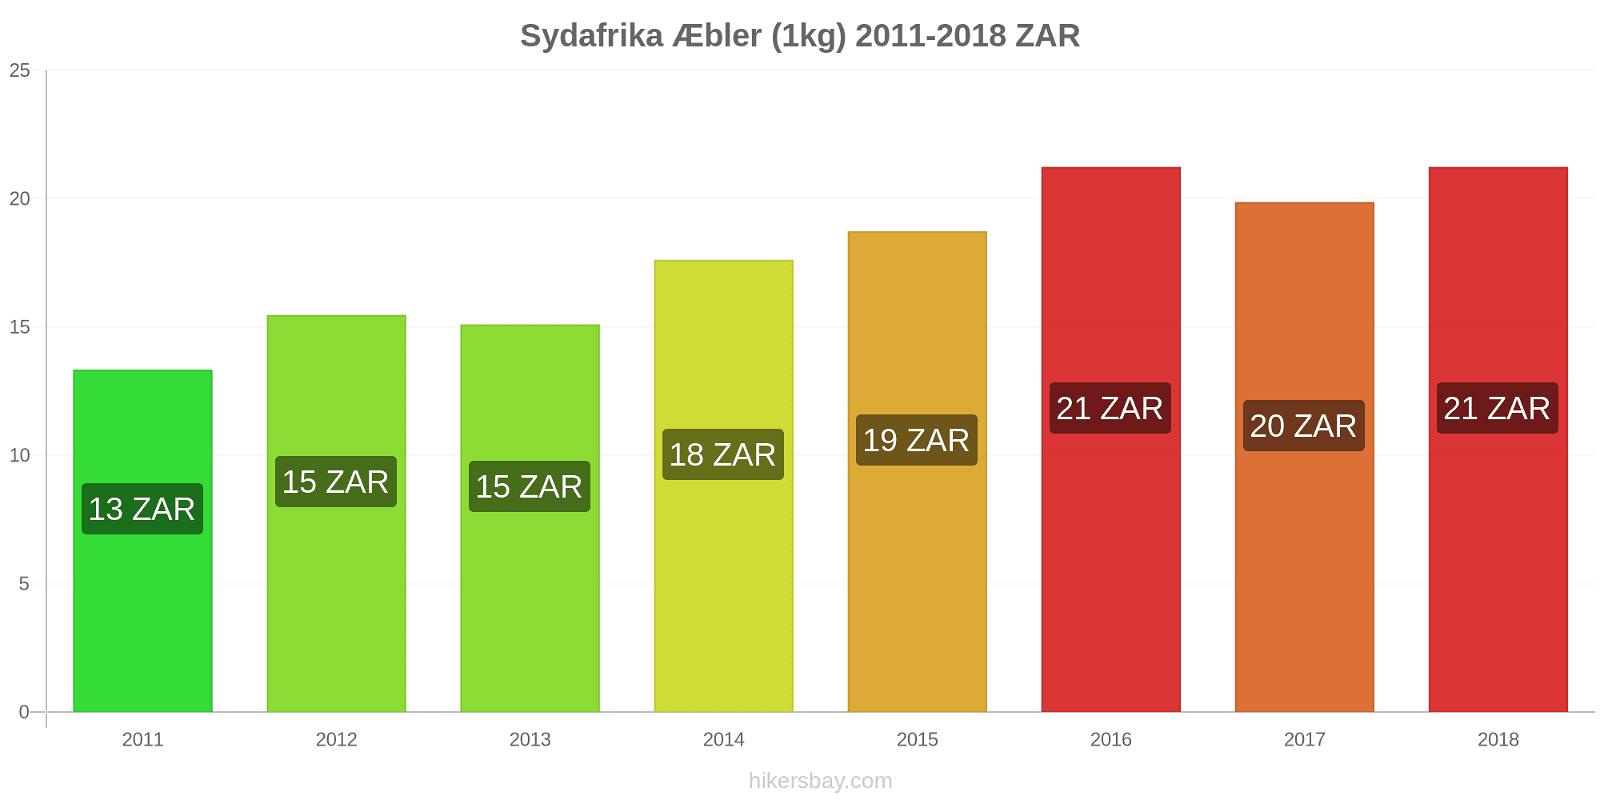 Sydafrika prisændringer Æbler (1kg) hikersbay.com